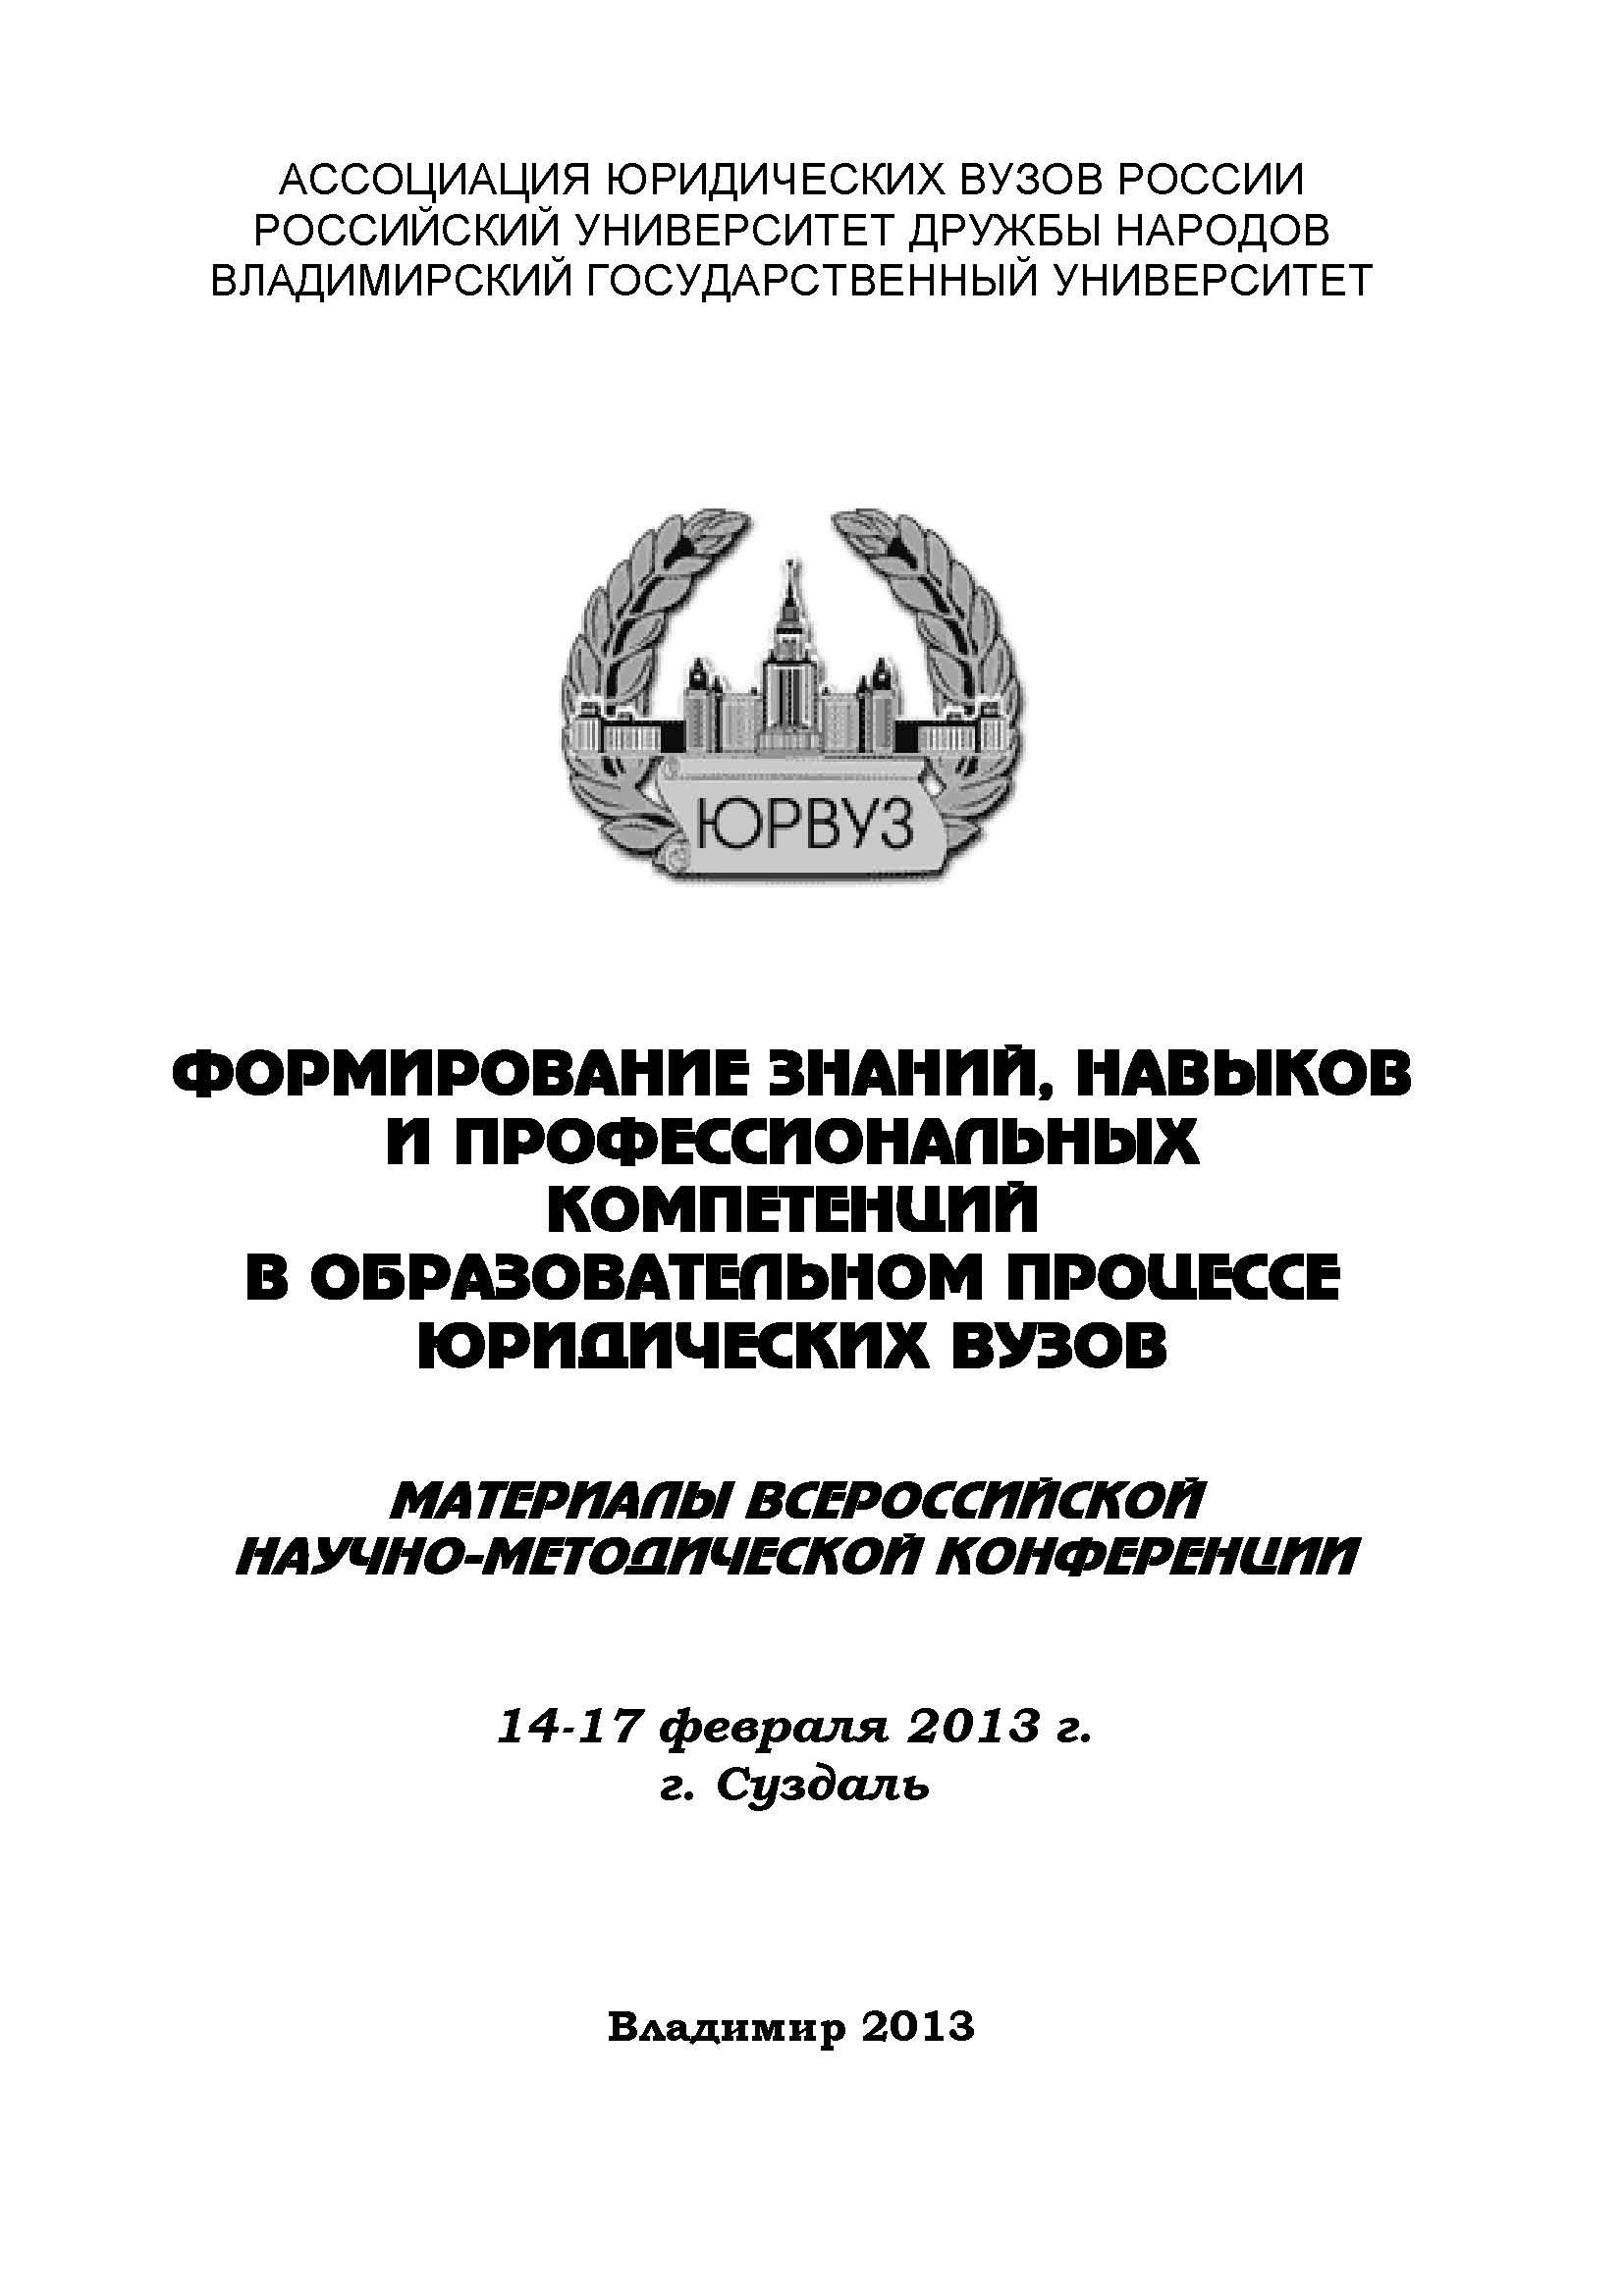 Об опыте преподавания инновационного курса «Нормография: теория и методология нормотворчества»